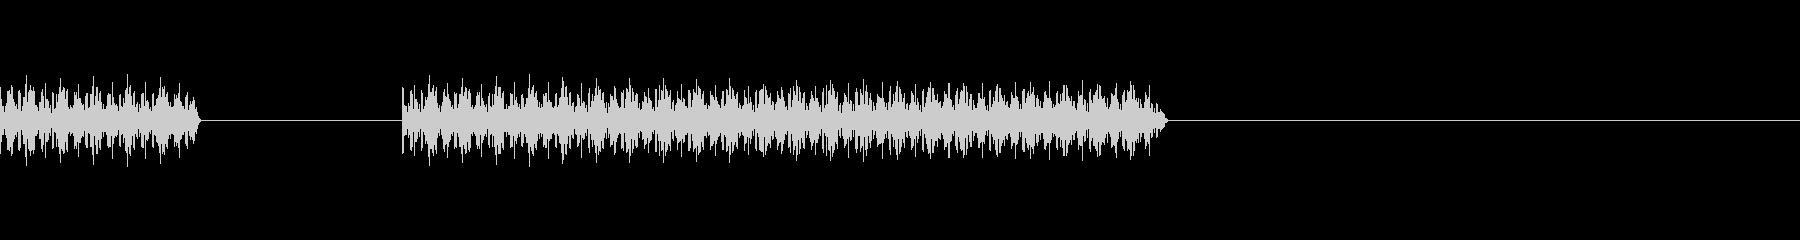 クイズでの不正解を表現するブザー音の未再生の波形